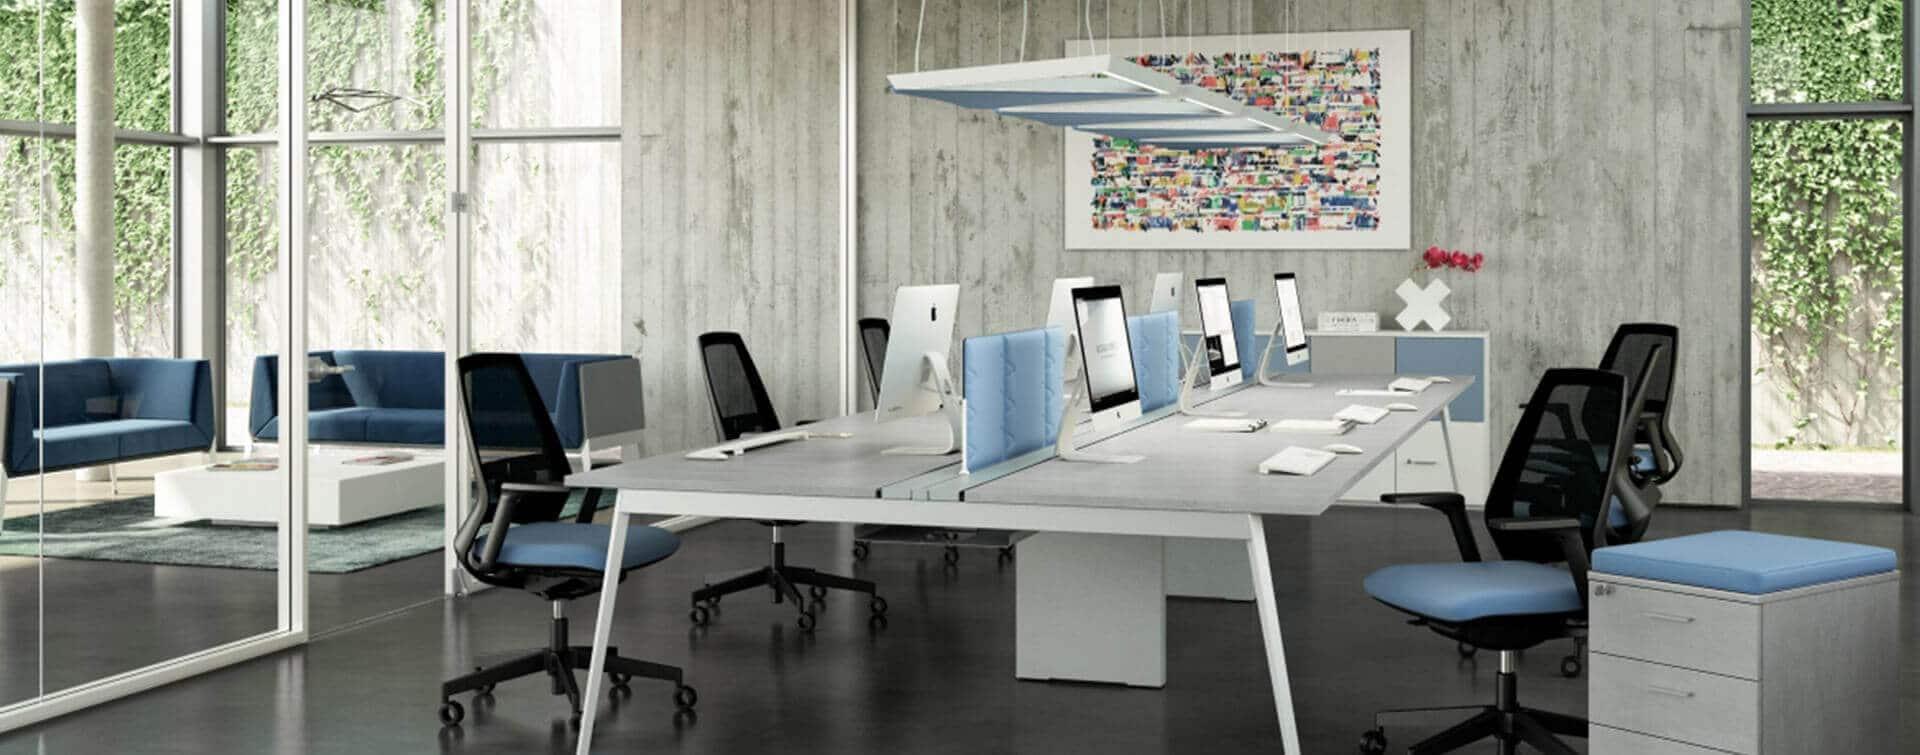 Ambiente de oficina productivo y funcional